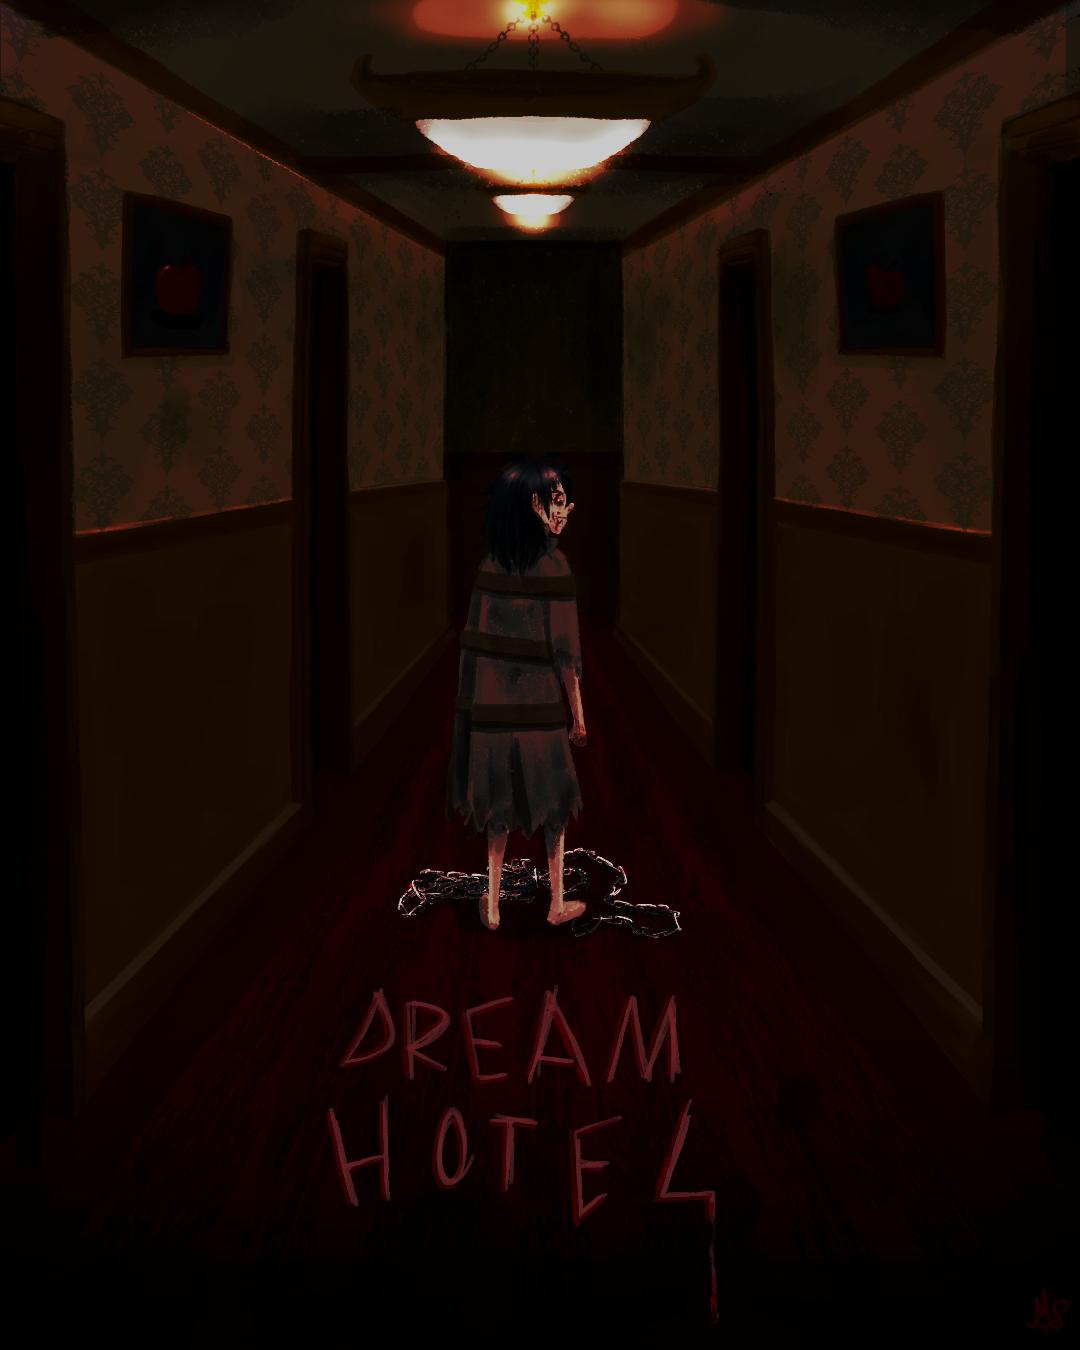 ドリームホテル